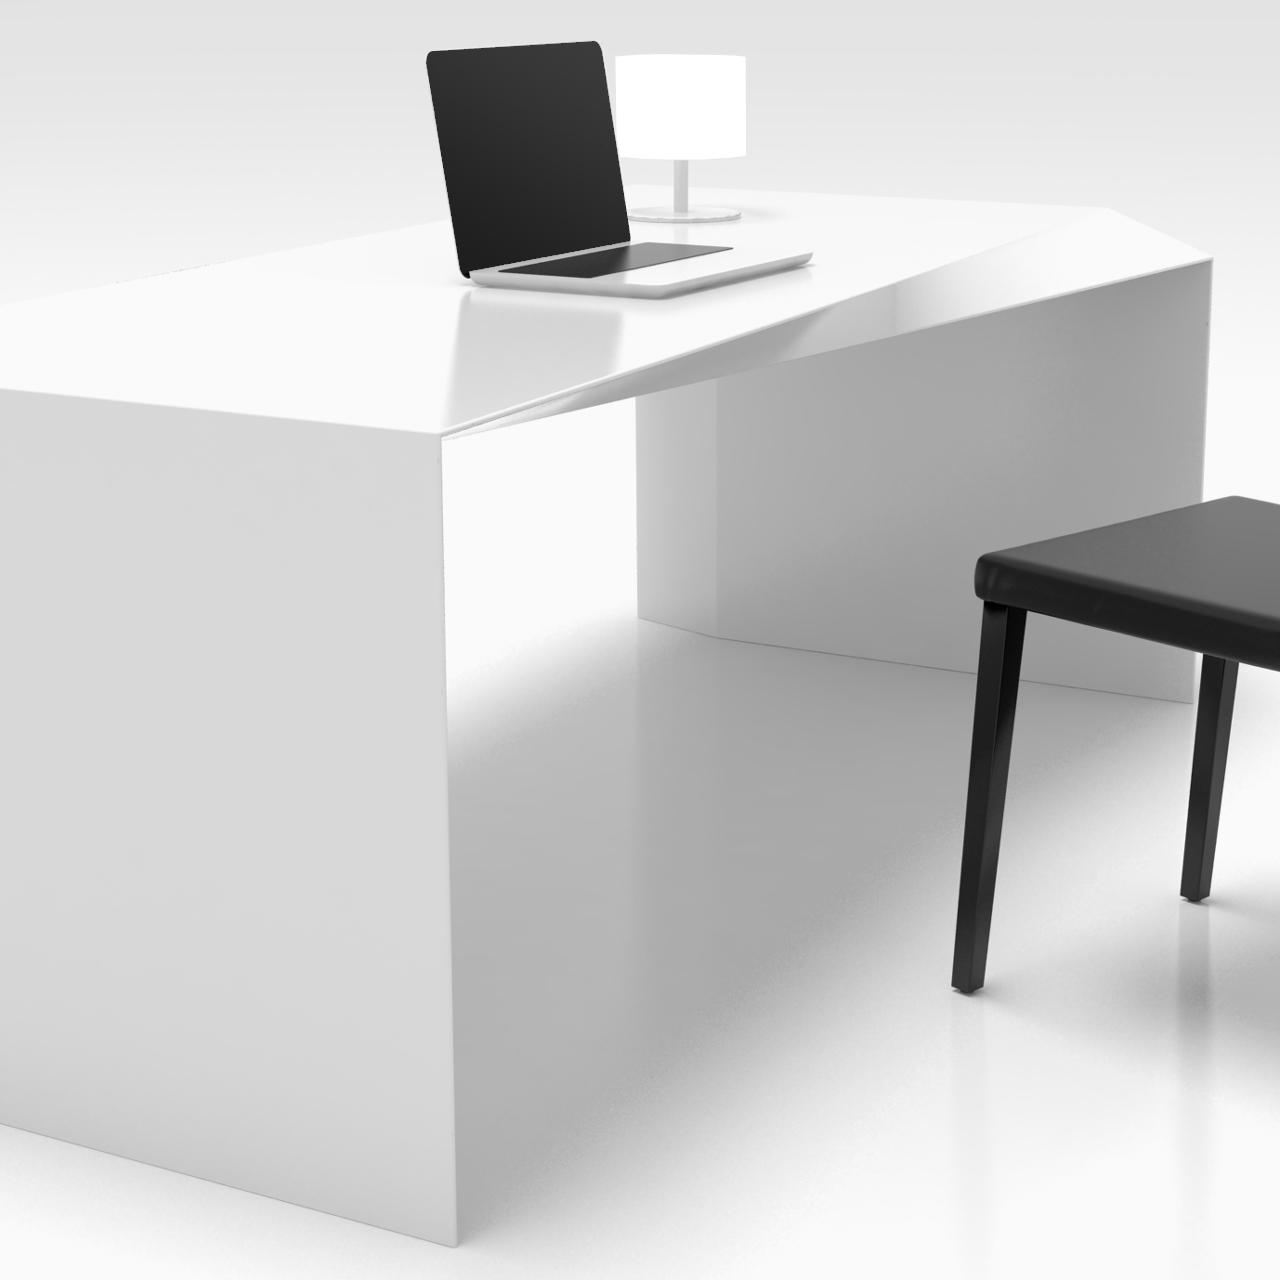 Shift tavoli e scrivanie zad zone of absolute design for Tavoli e scrivanie